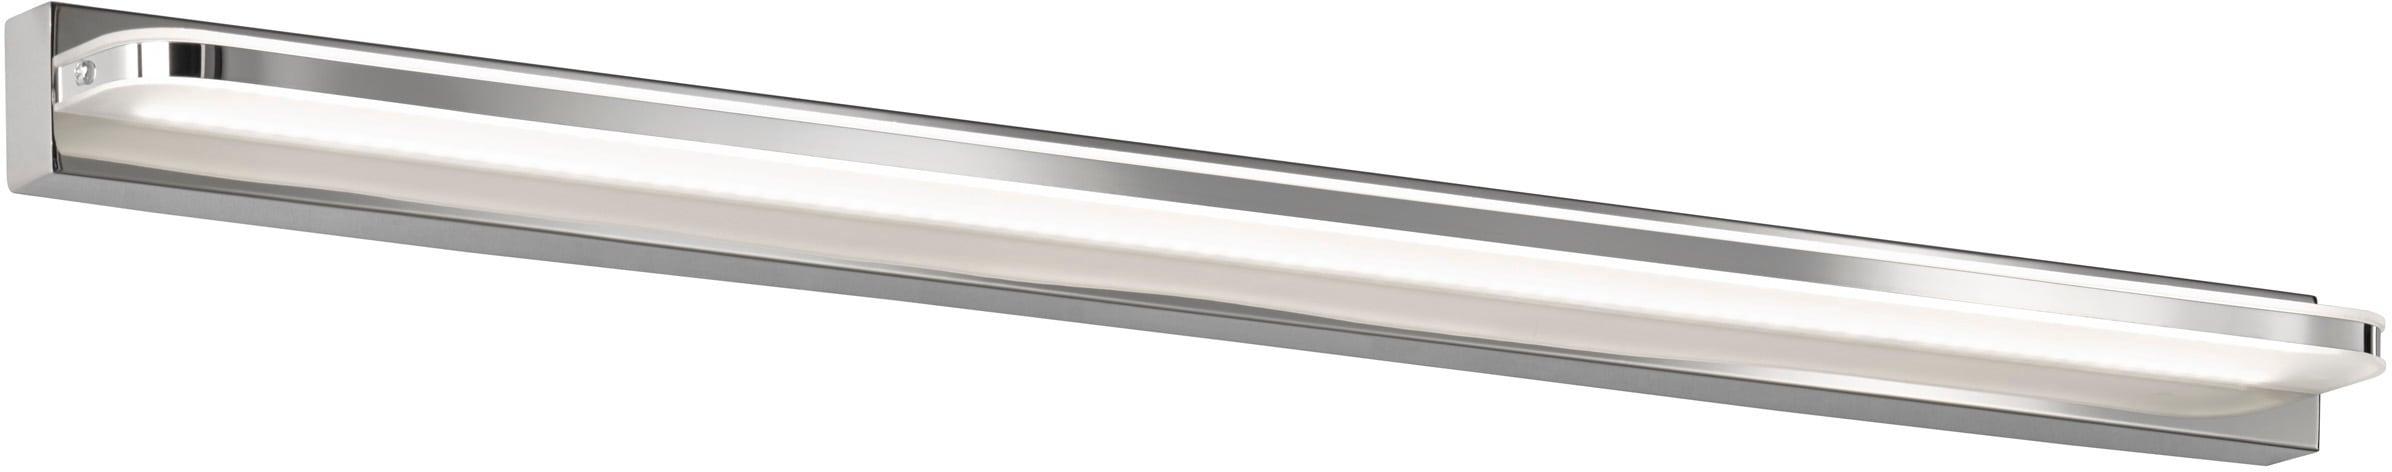 WOFI LED Wandleuchte Eline, LED-Board, Warmweiß